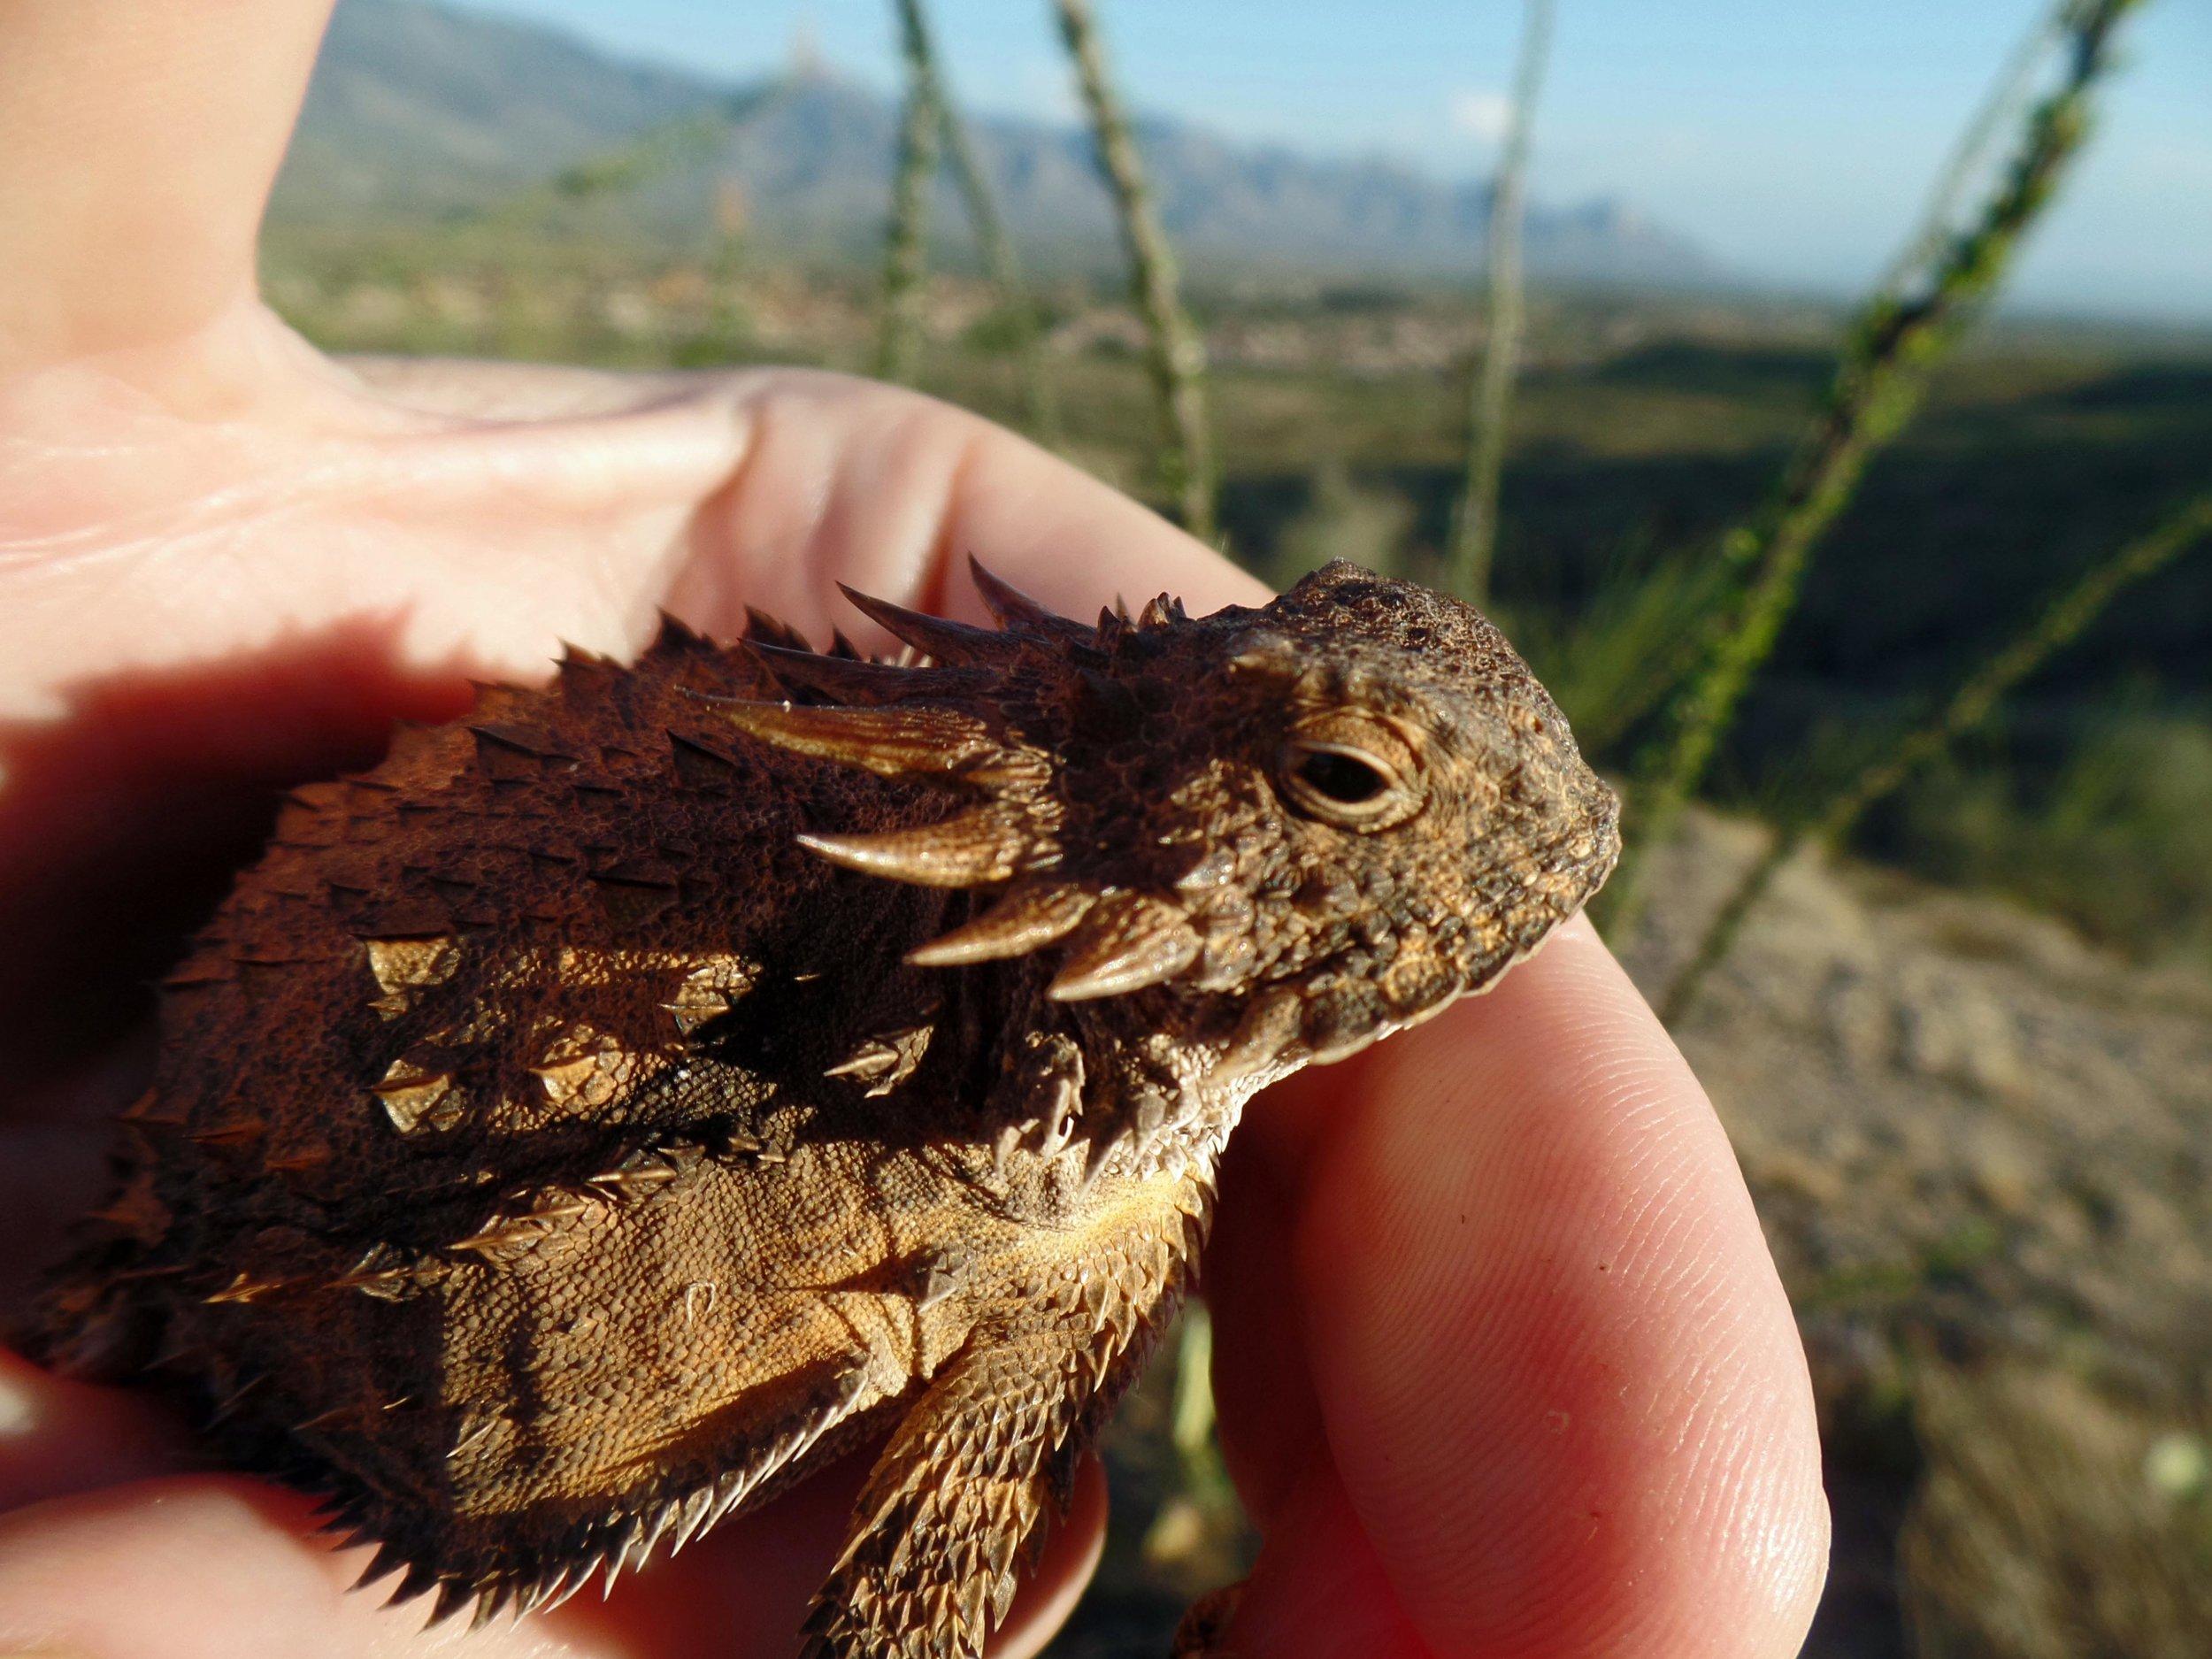 Horny Toad - Seen on my run - Catalina, Arizona